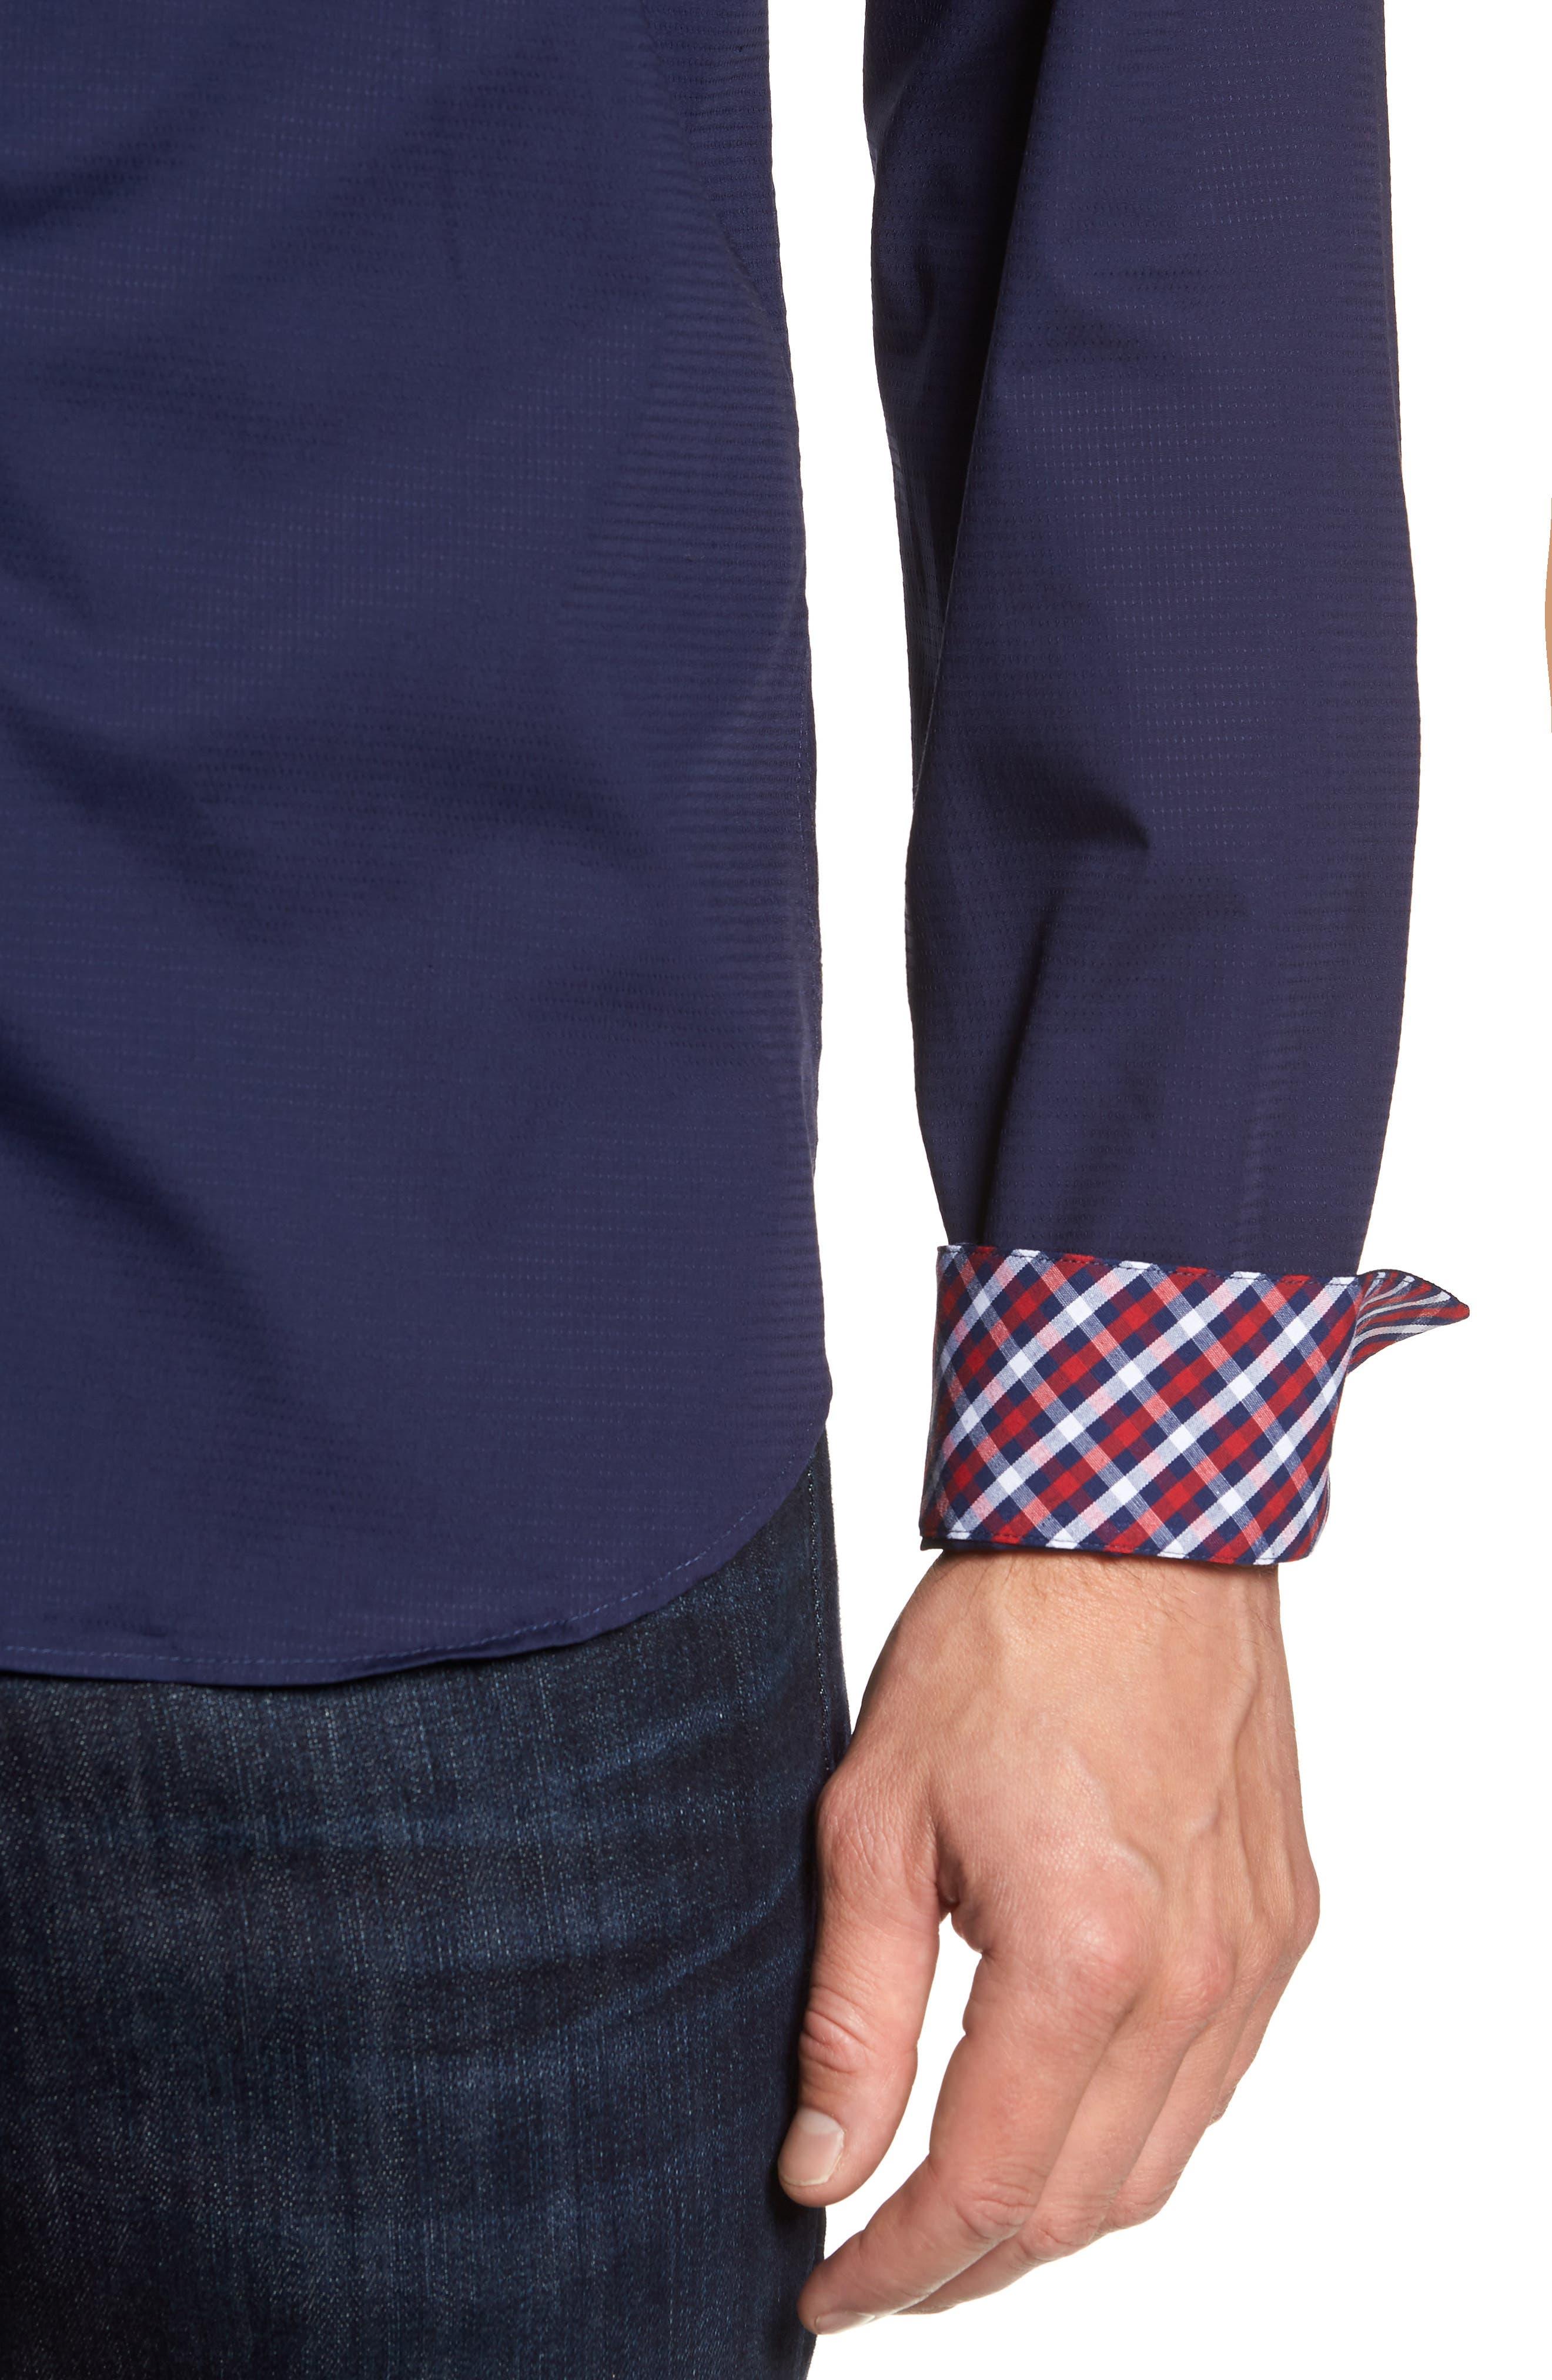 Trim Fit Sport Shirt,                             Alternate thumbnail 2, color,                             Navy Blue